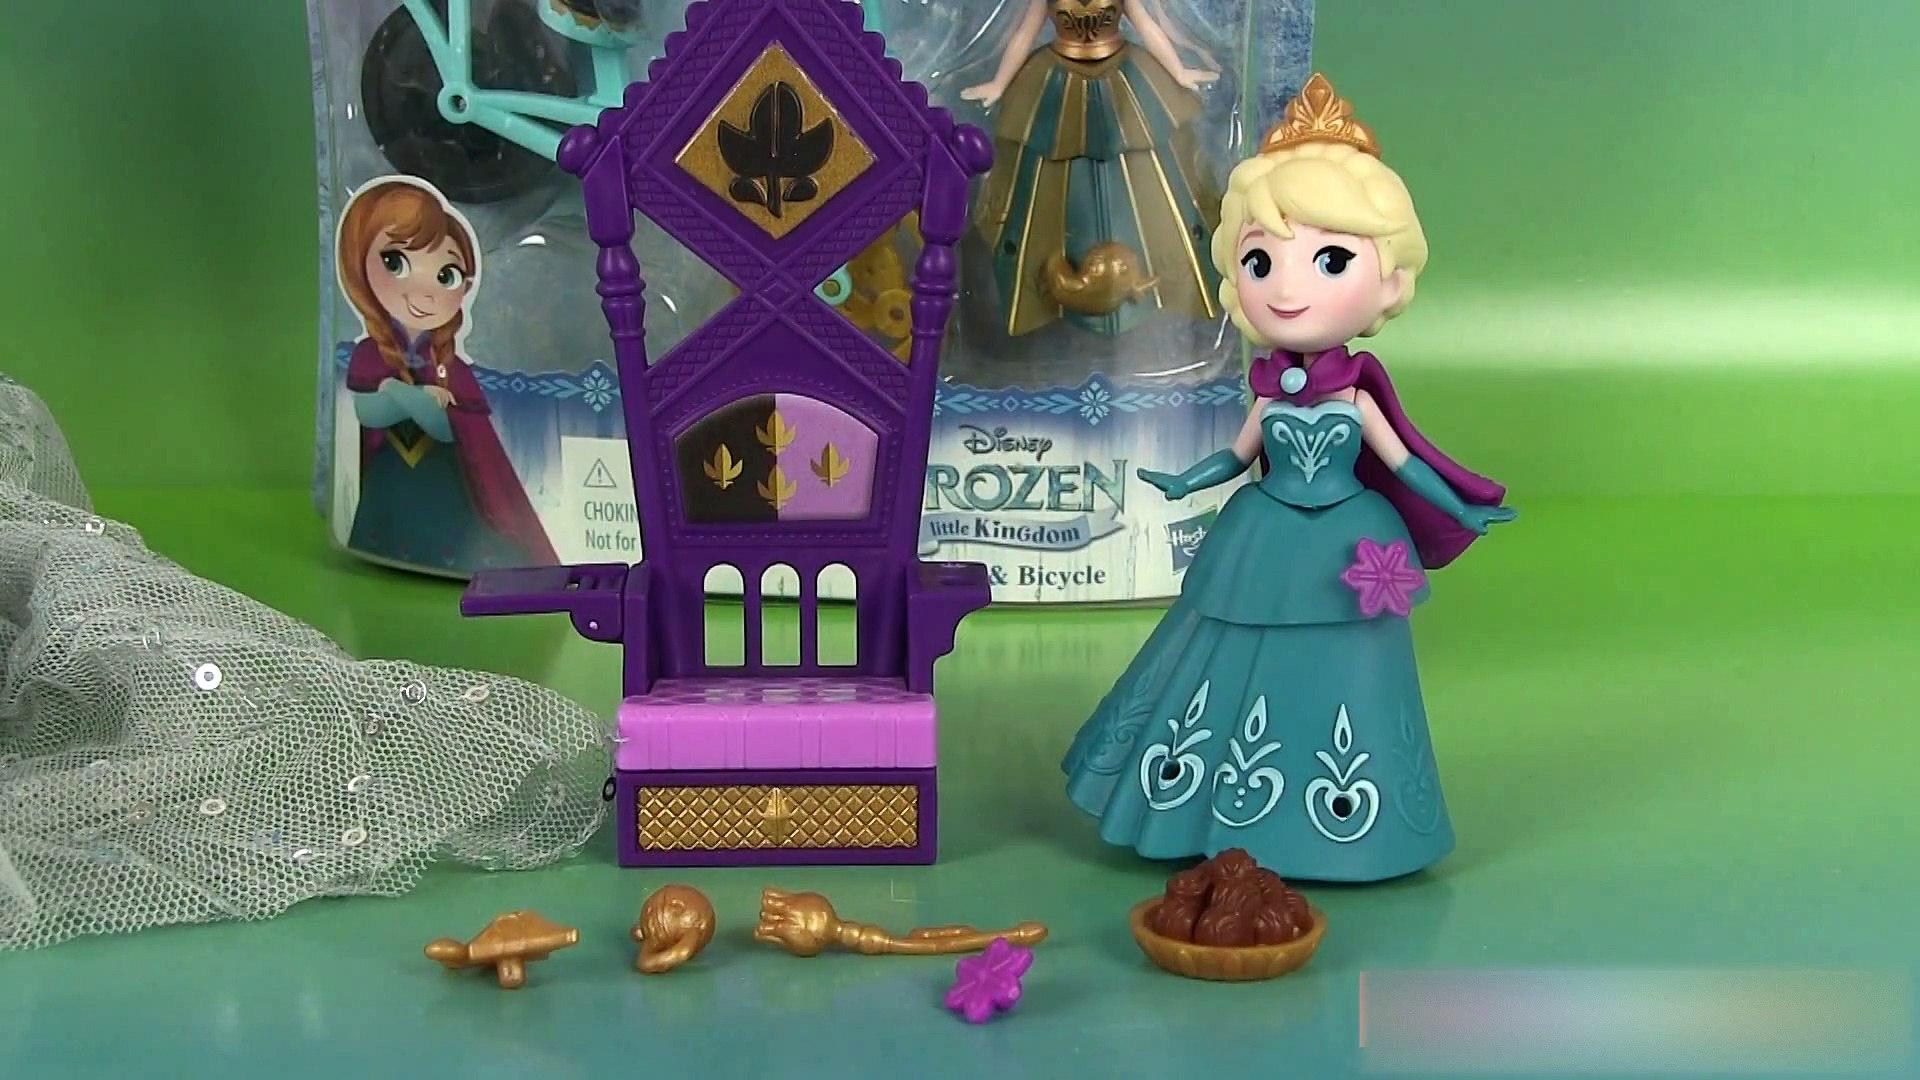 Vanity Coloriage Reine Des Neiges.Reine Des Neiges Little Kingdom Couronnement D Elsa Anna A Bicyclette Elsa And Throne